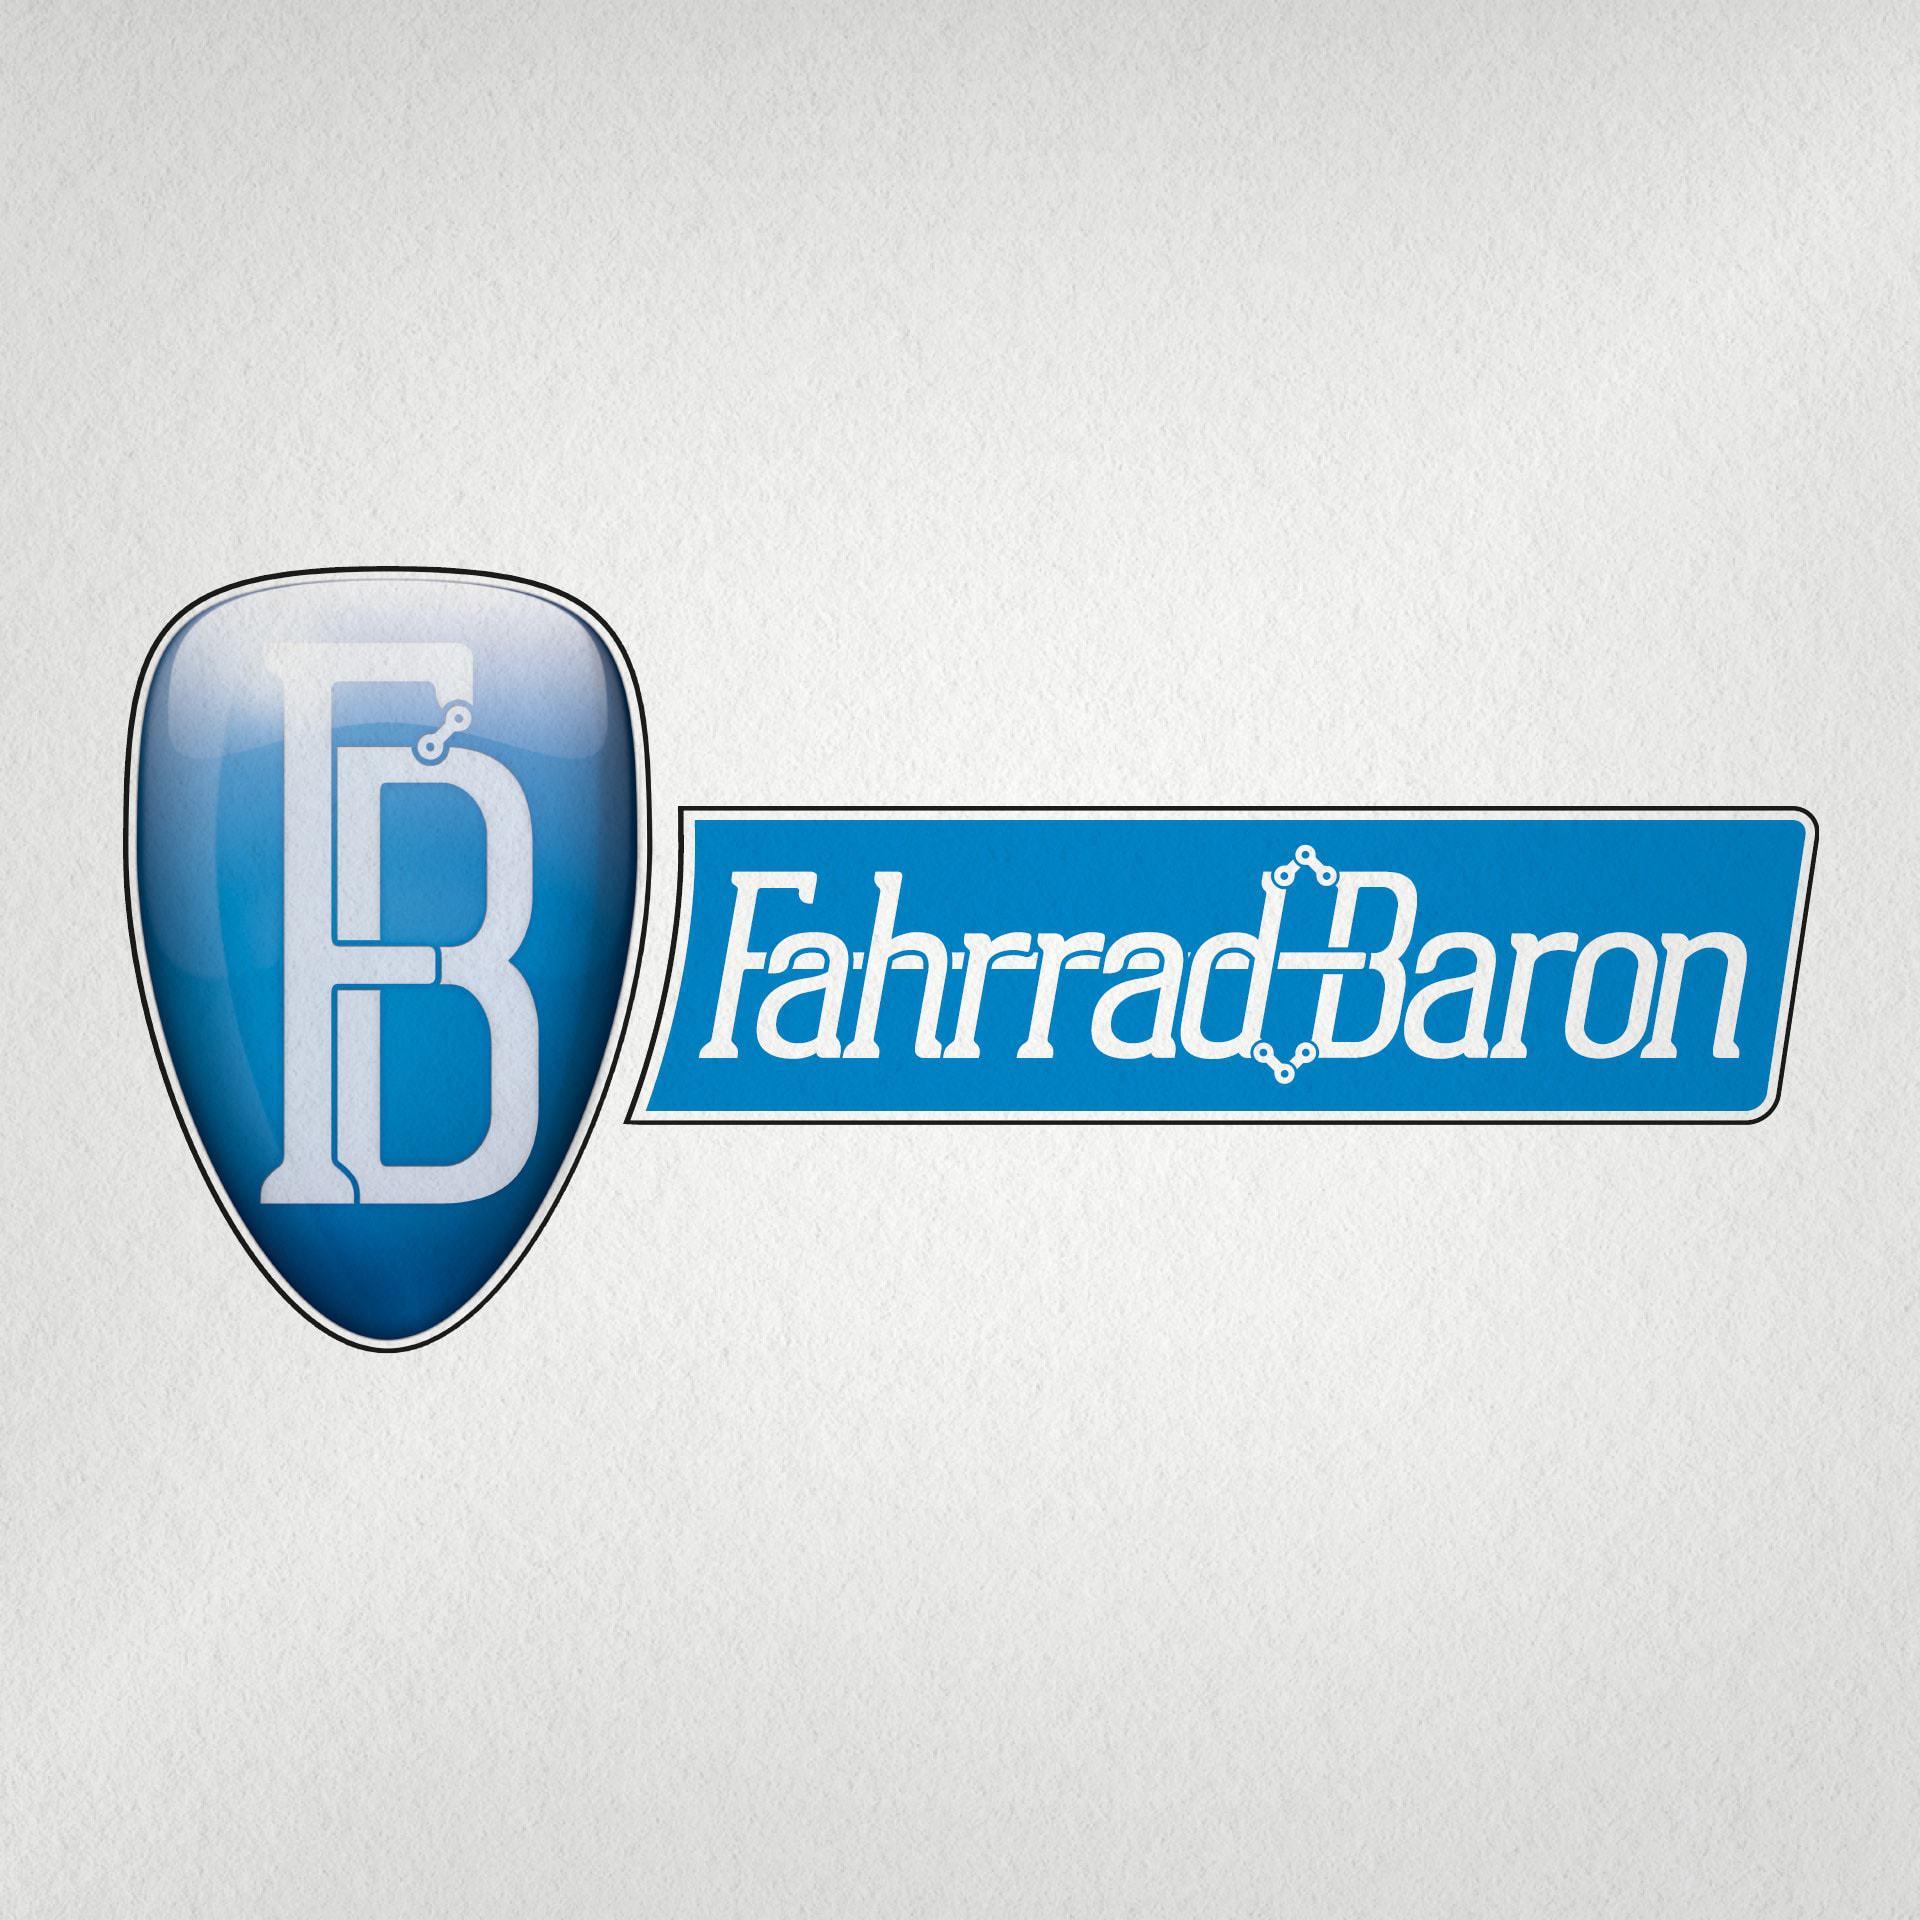 Logo Fahrrad Baron, Wernigerode